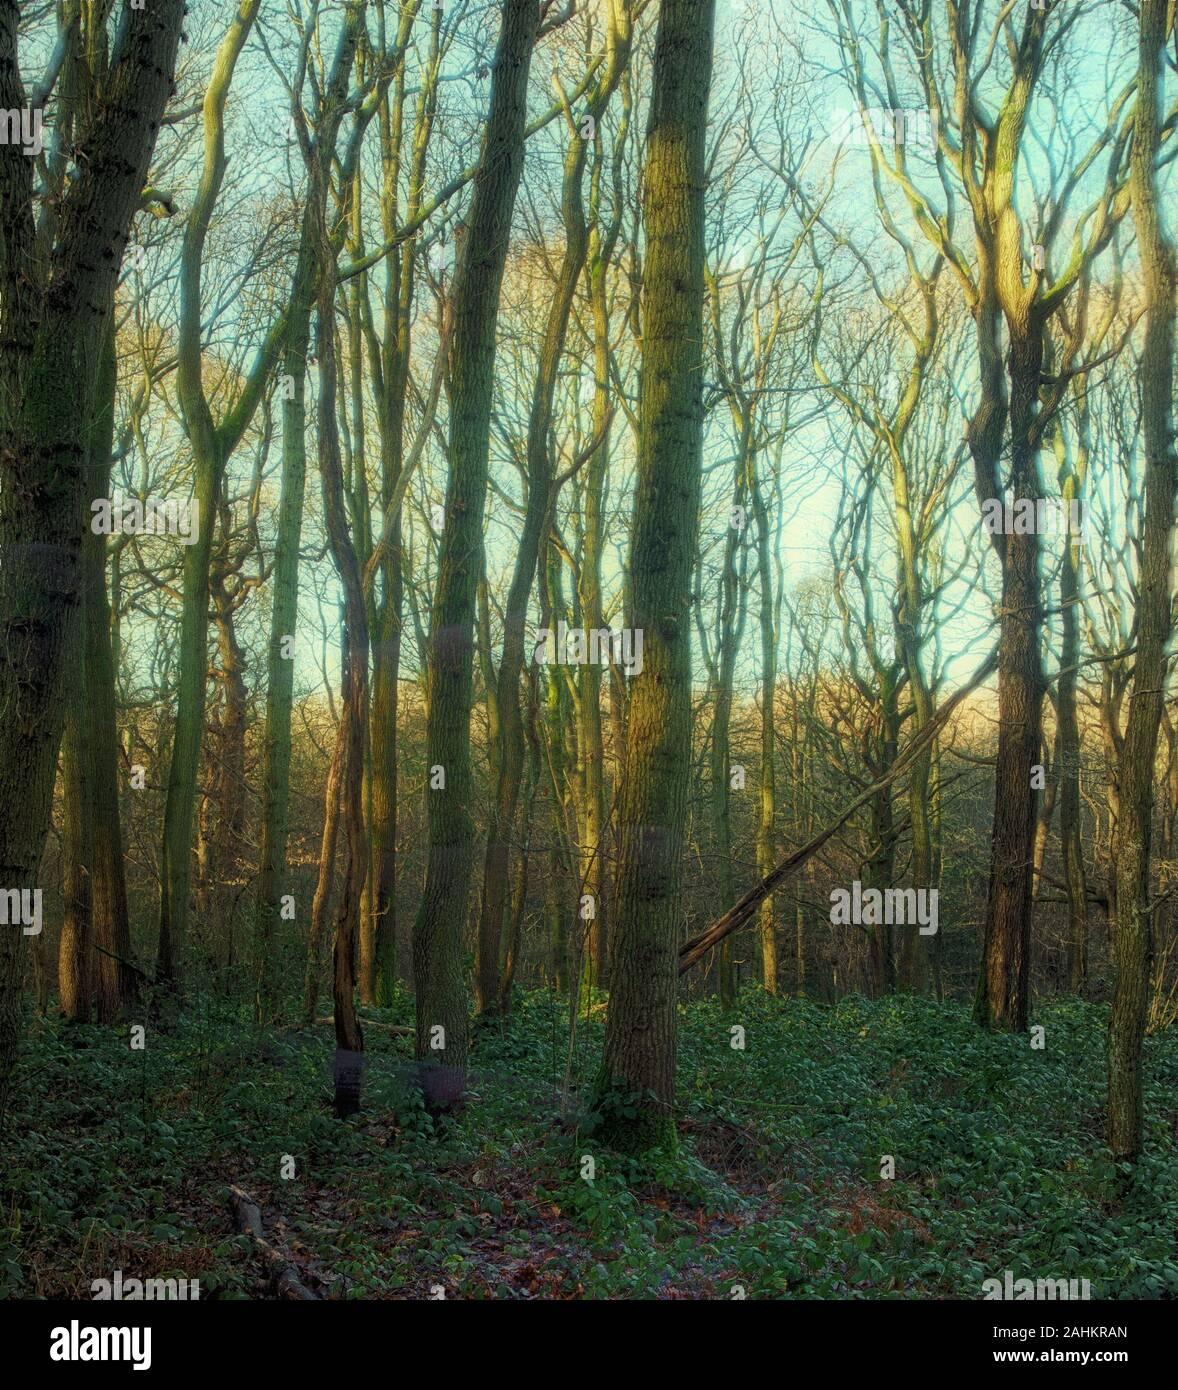 Vue sur les bois d'hiver des arbres principalement droits avec un faible soleil d'hiver, Londres, Angleterre, Royaume-Uni, Europe Banque D'Images